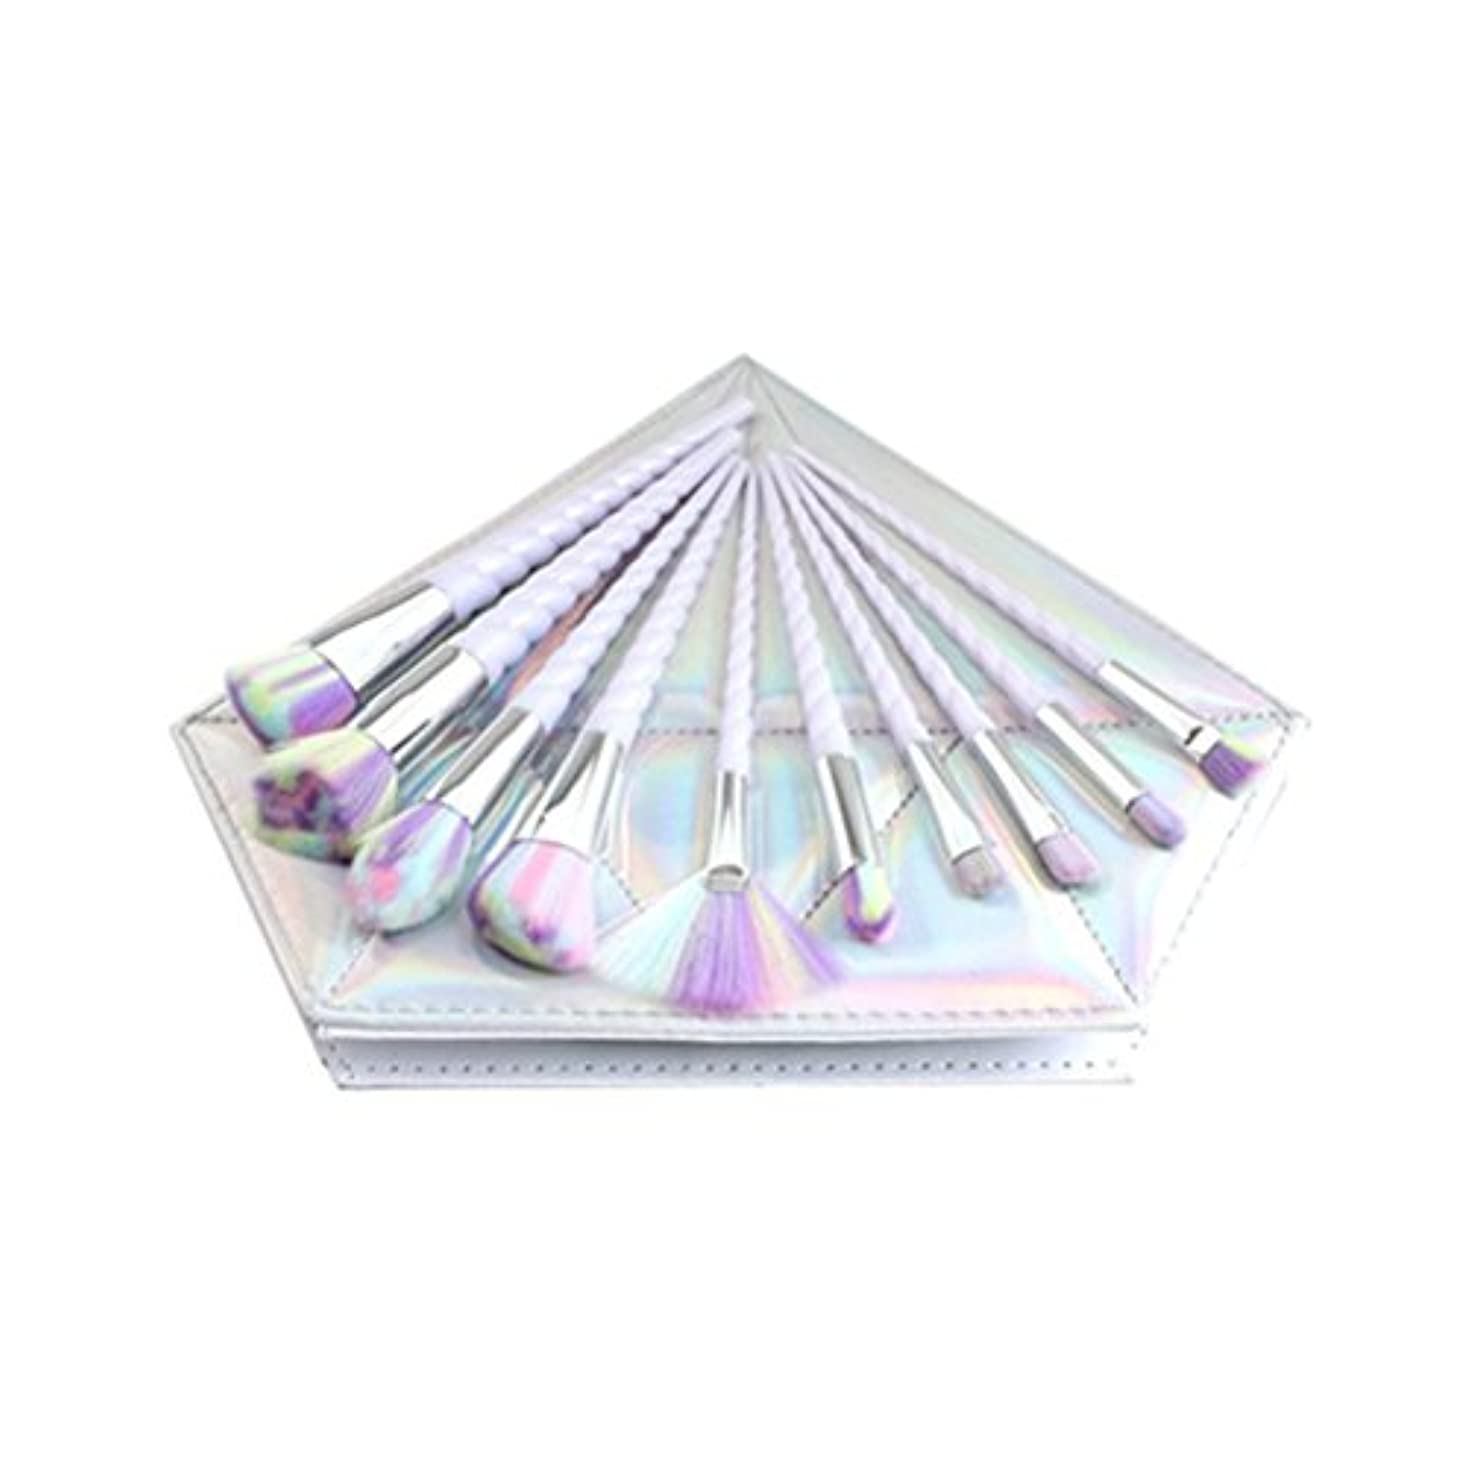 解釈活性化書士Dilla Beauty 10本セットユニコーンデザインプラスチックハンドル形状メイクブラシセット合成毛ファンデーションブラシアイシャドーブラッシャー美容ツール美しい化粧品のバッグを送る (白いハンドル - 多色の毛)